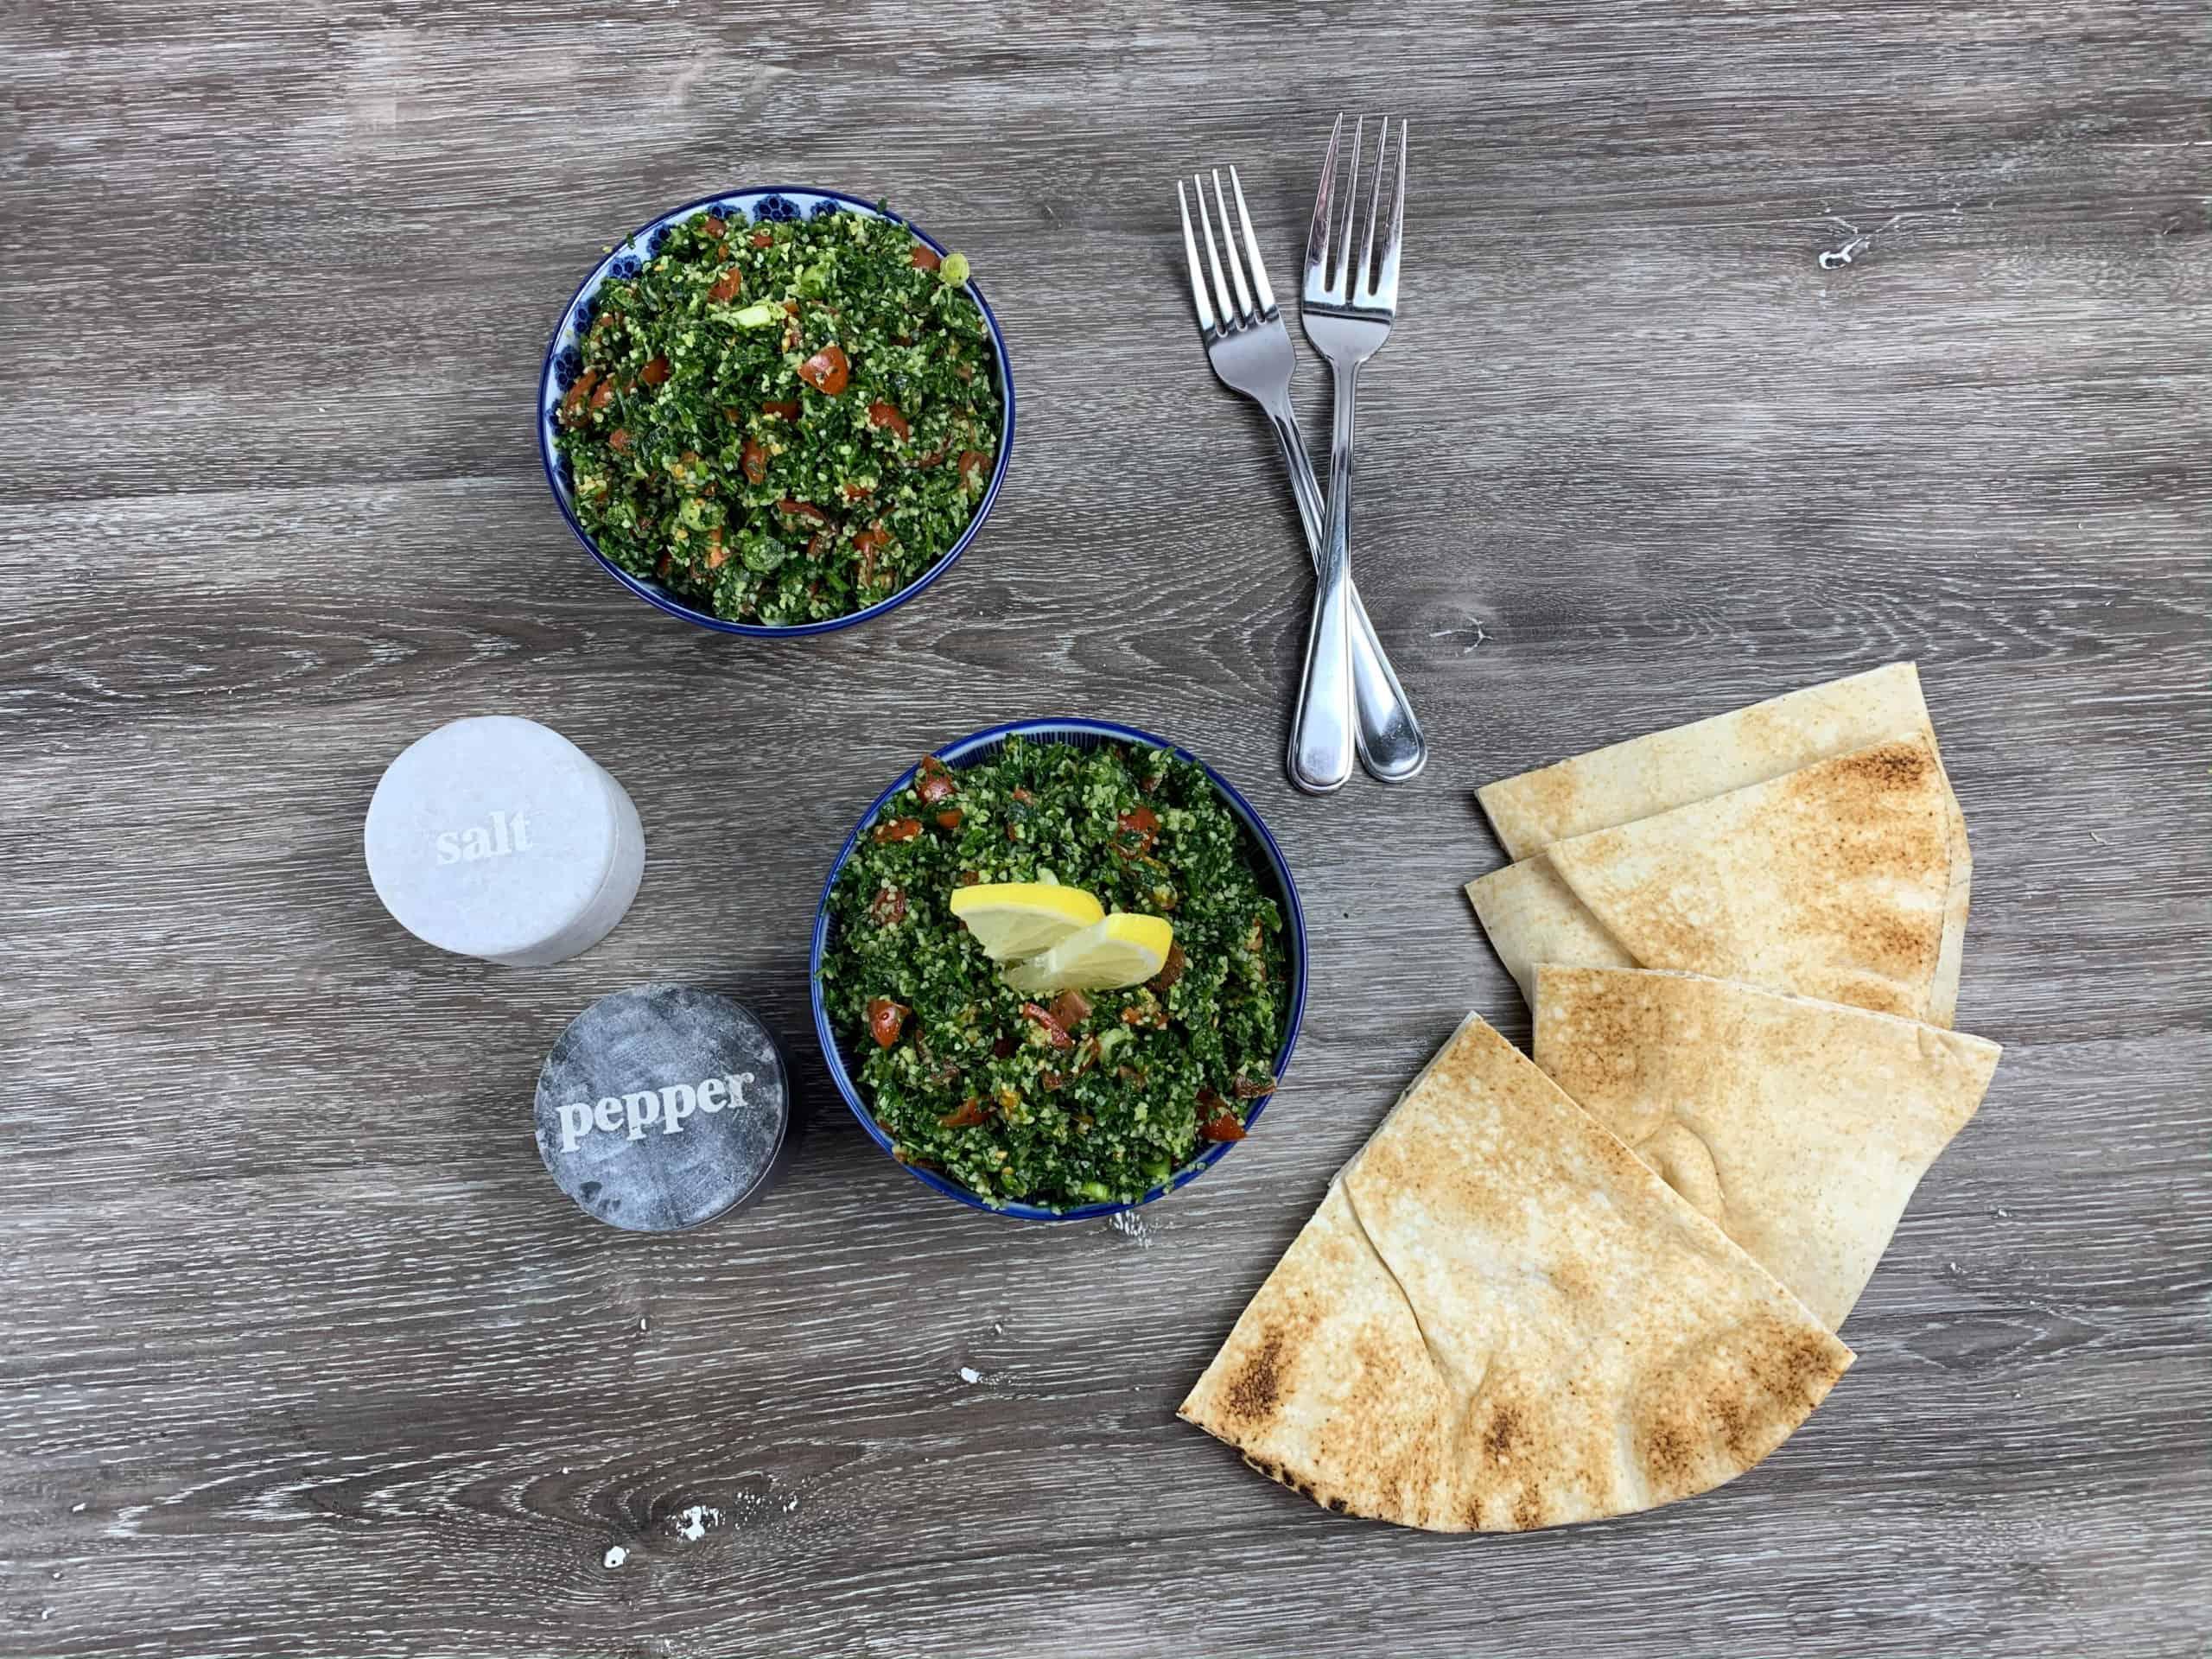 Esta exquisita receta de tabulé o tabbouleh es fácil de preparar y es ideal para acompañar con pan pita.